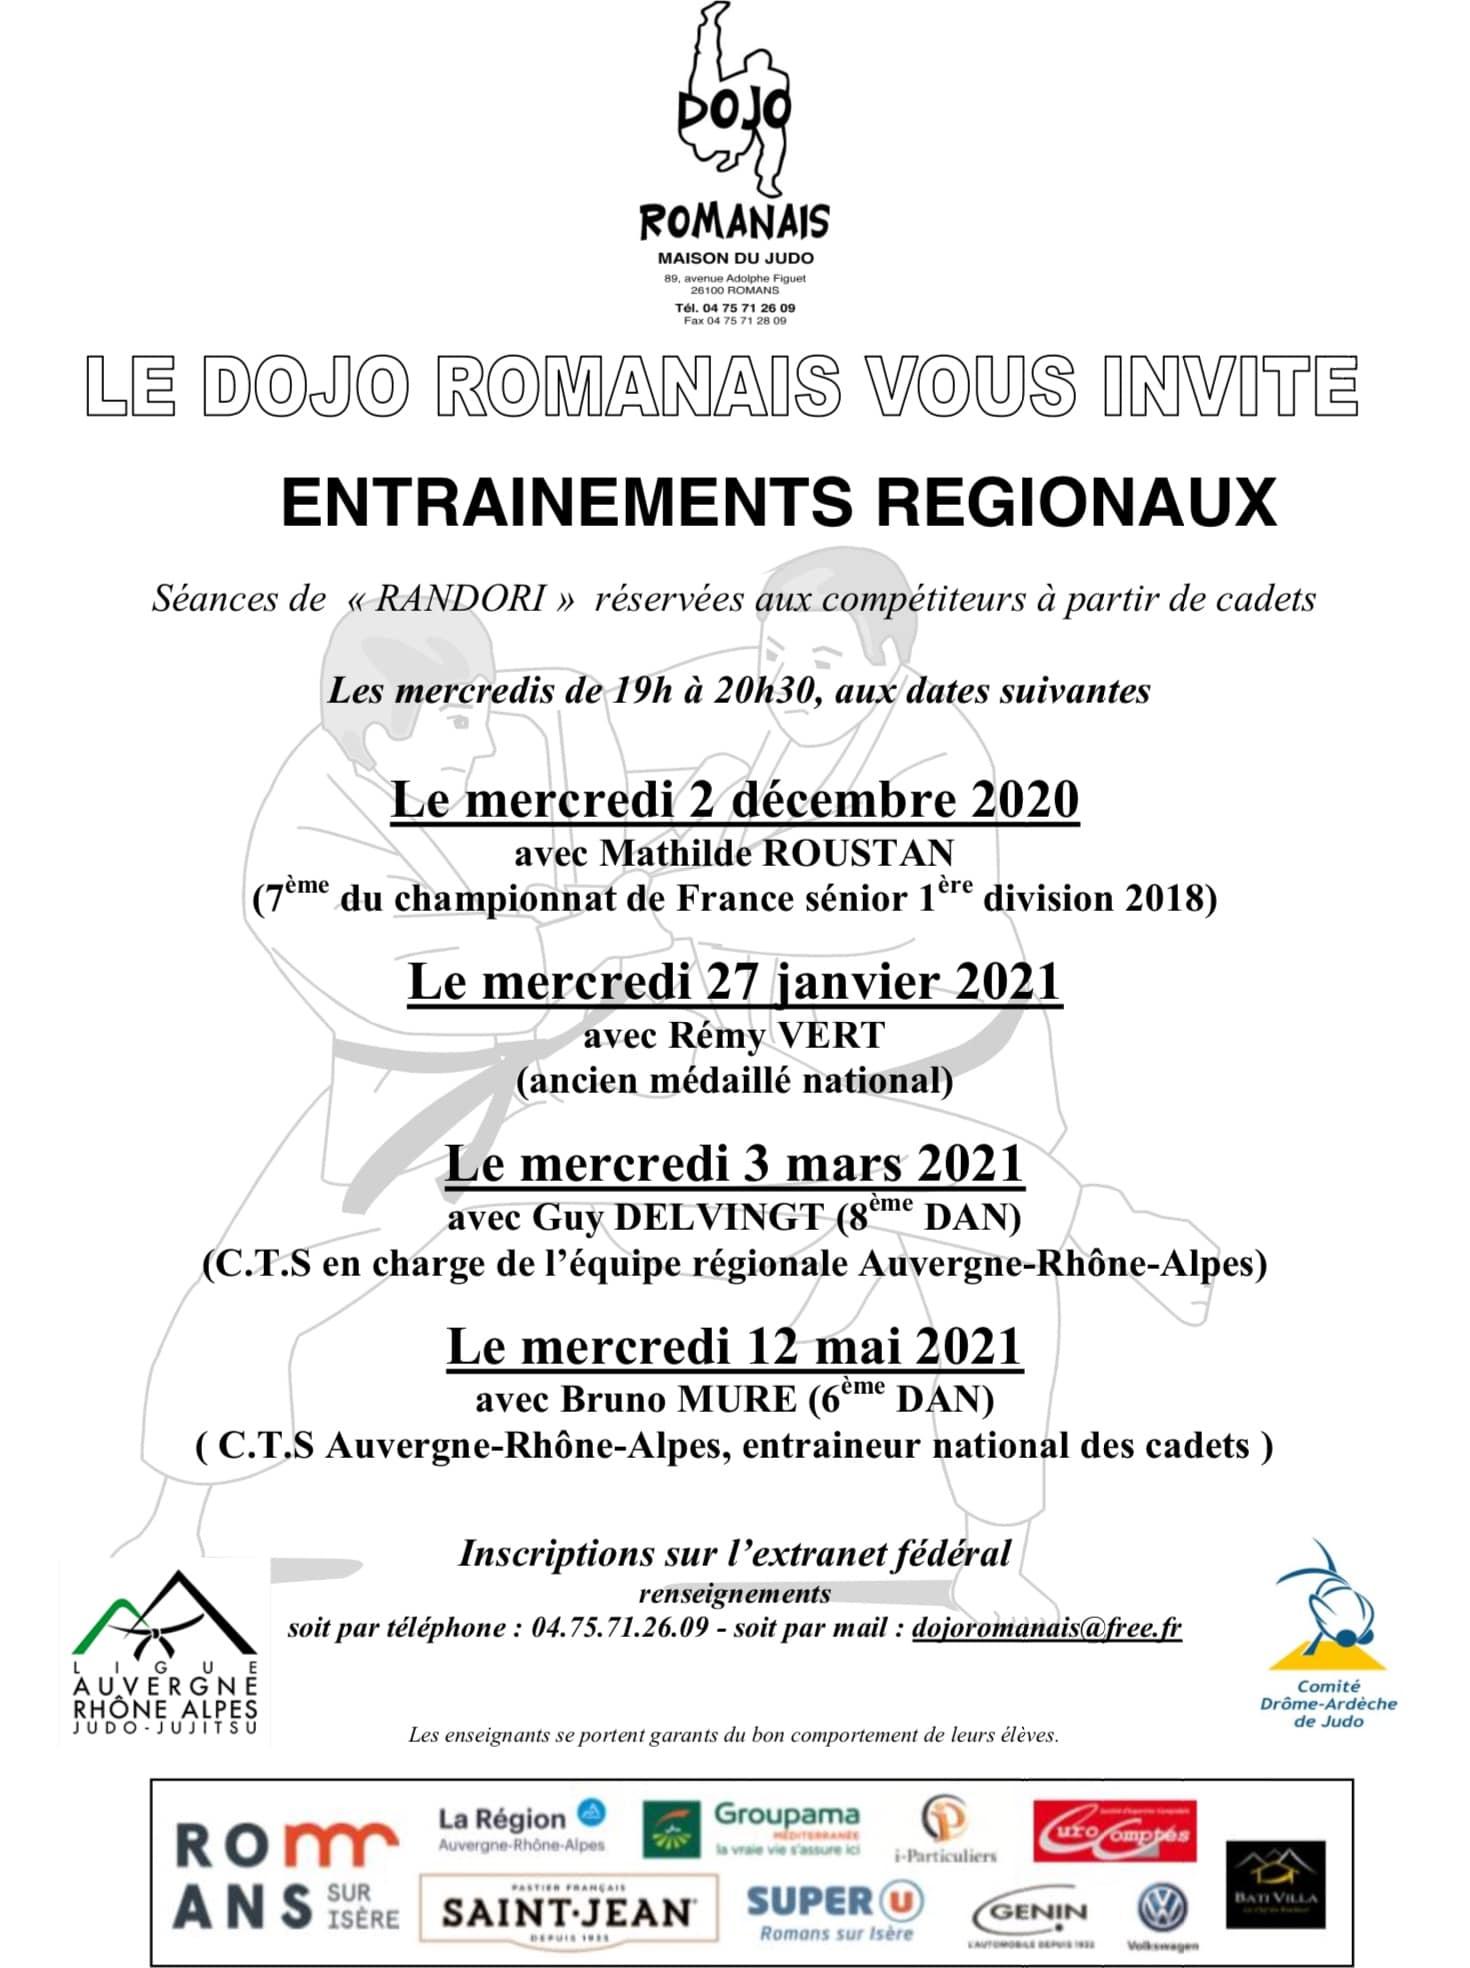 Entraînements régionaux 09 2020